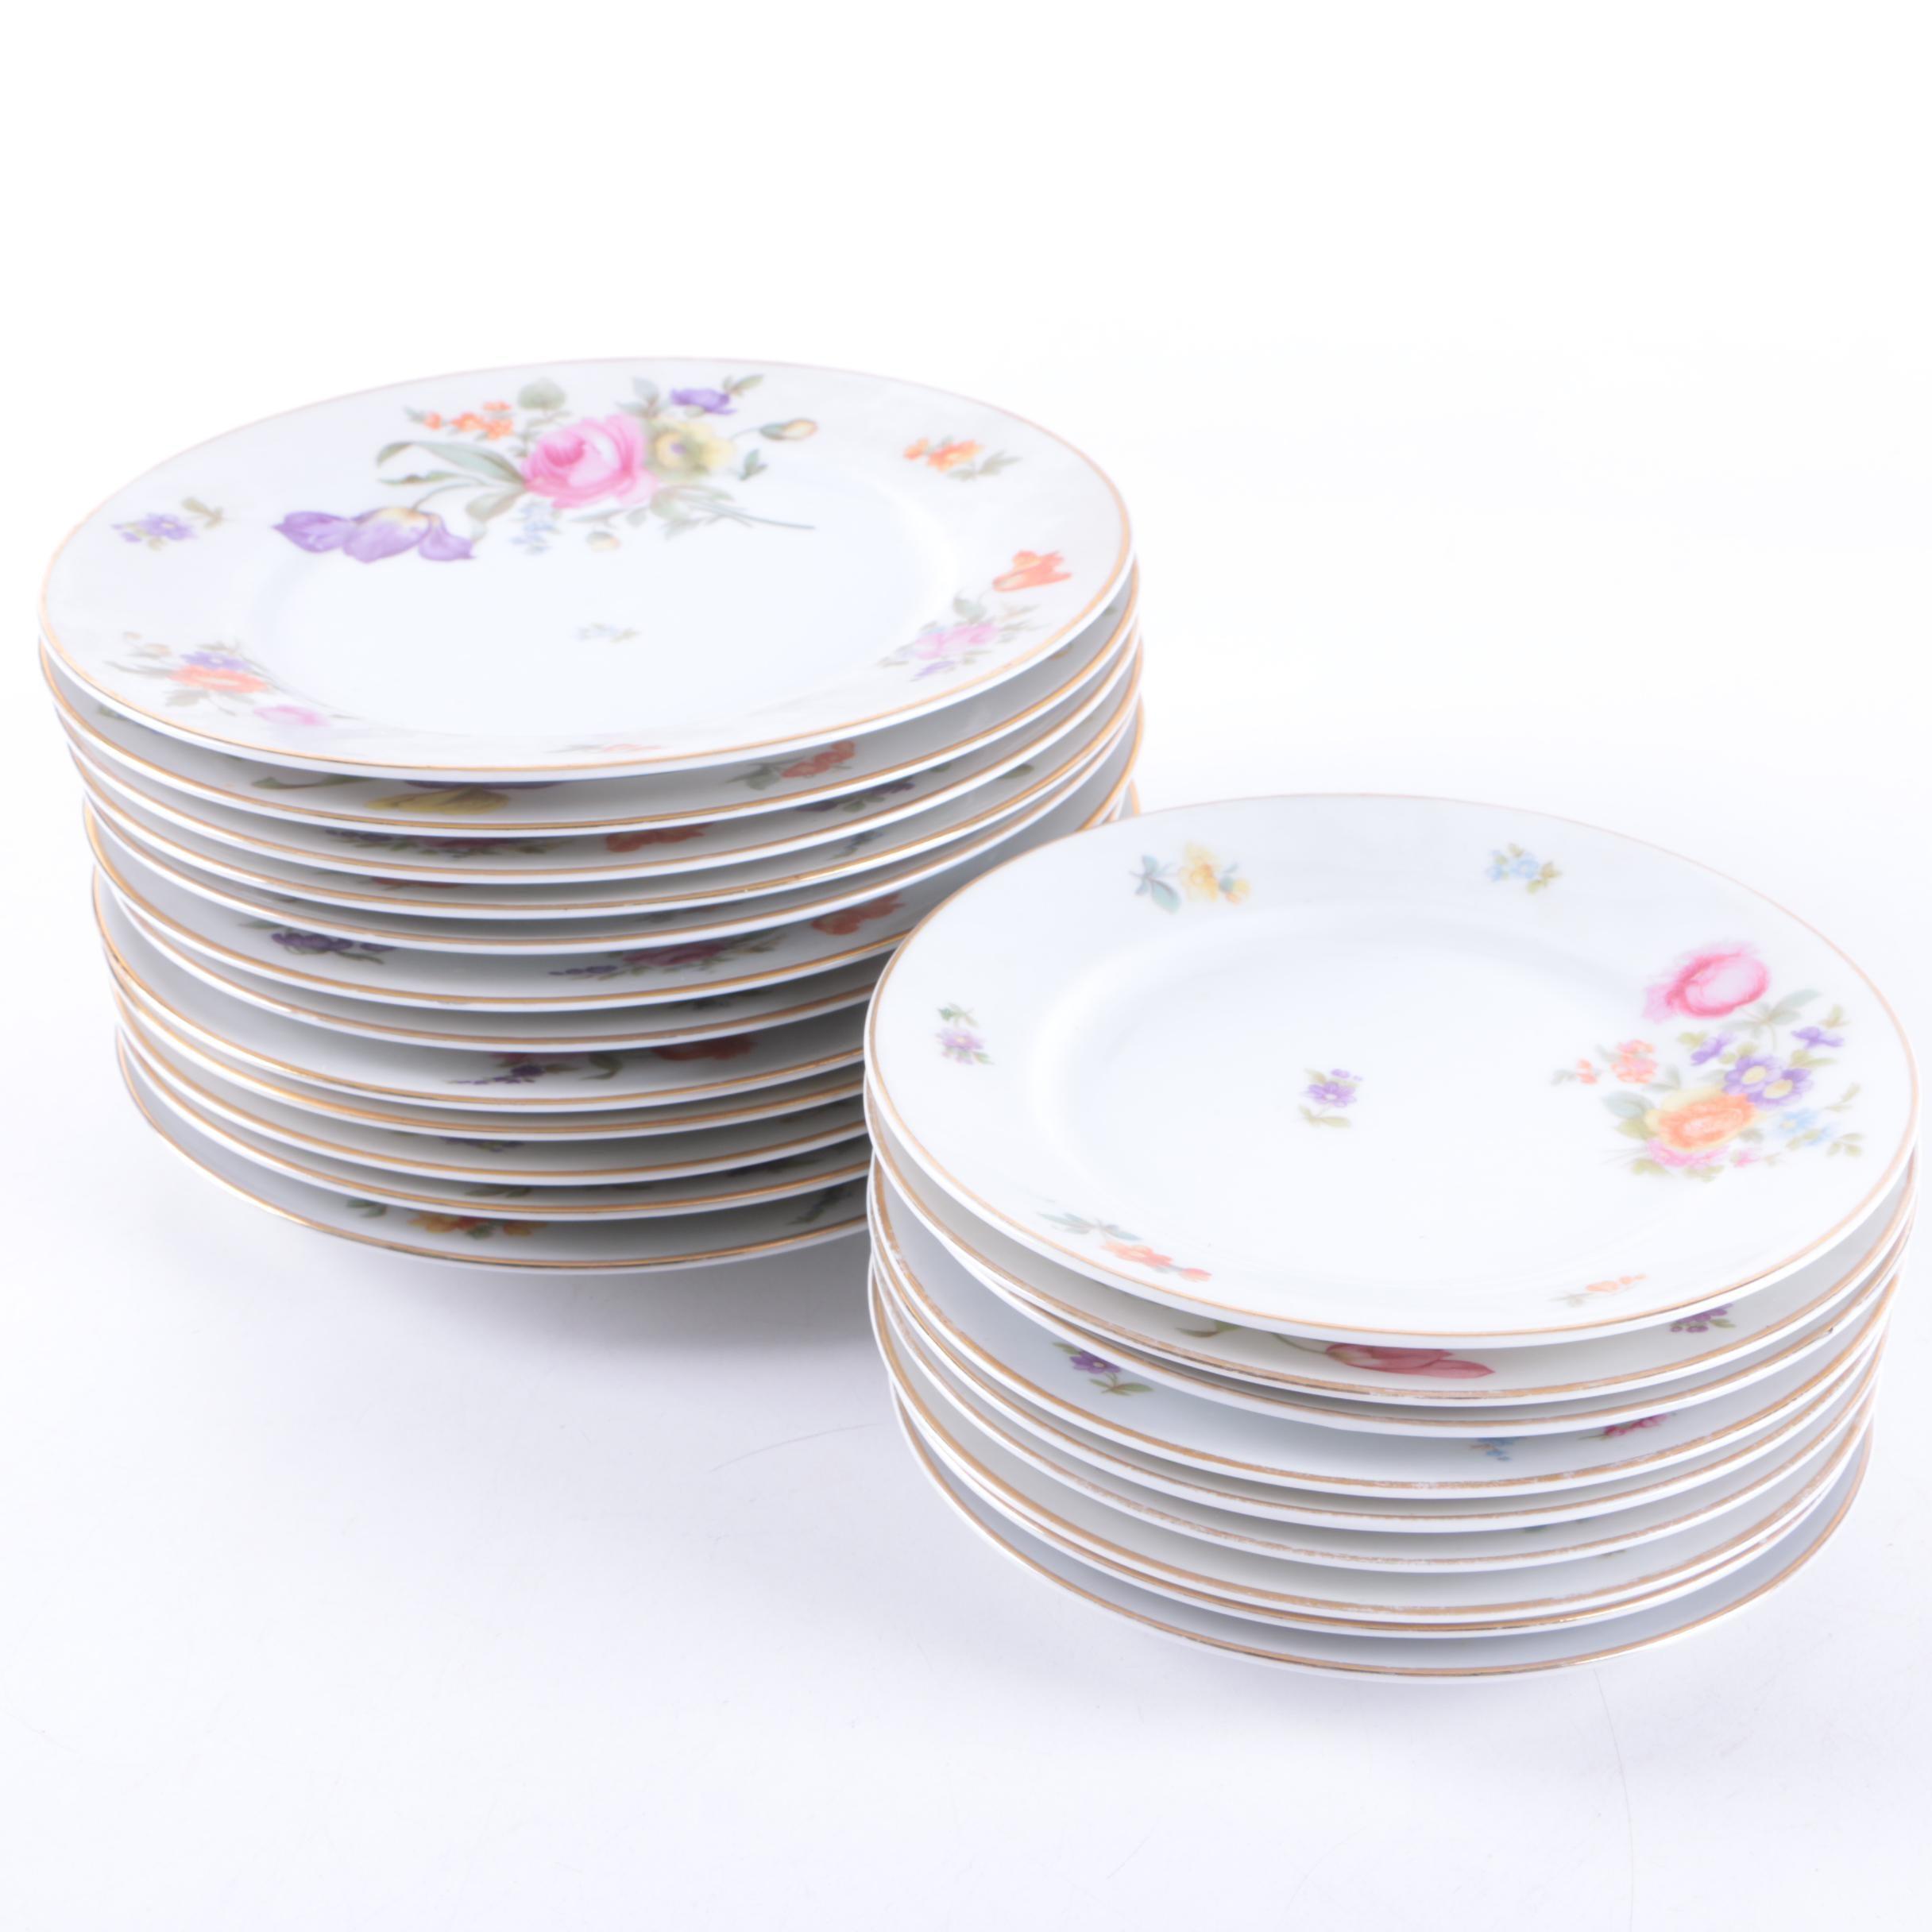 Vintage Krister Porzellan-Manufaktur Porcelain Plates